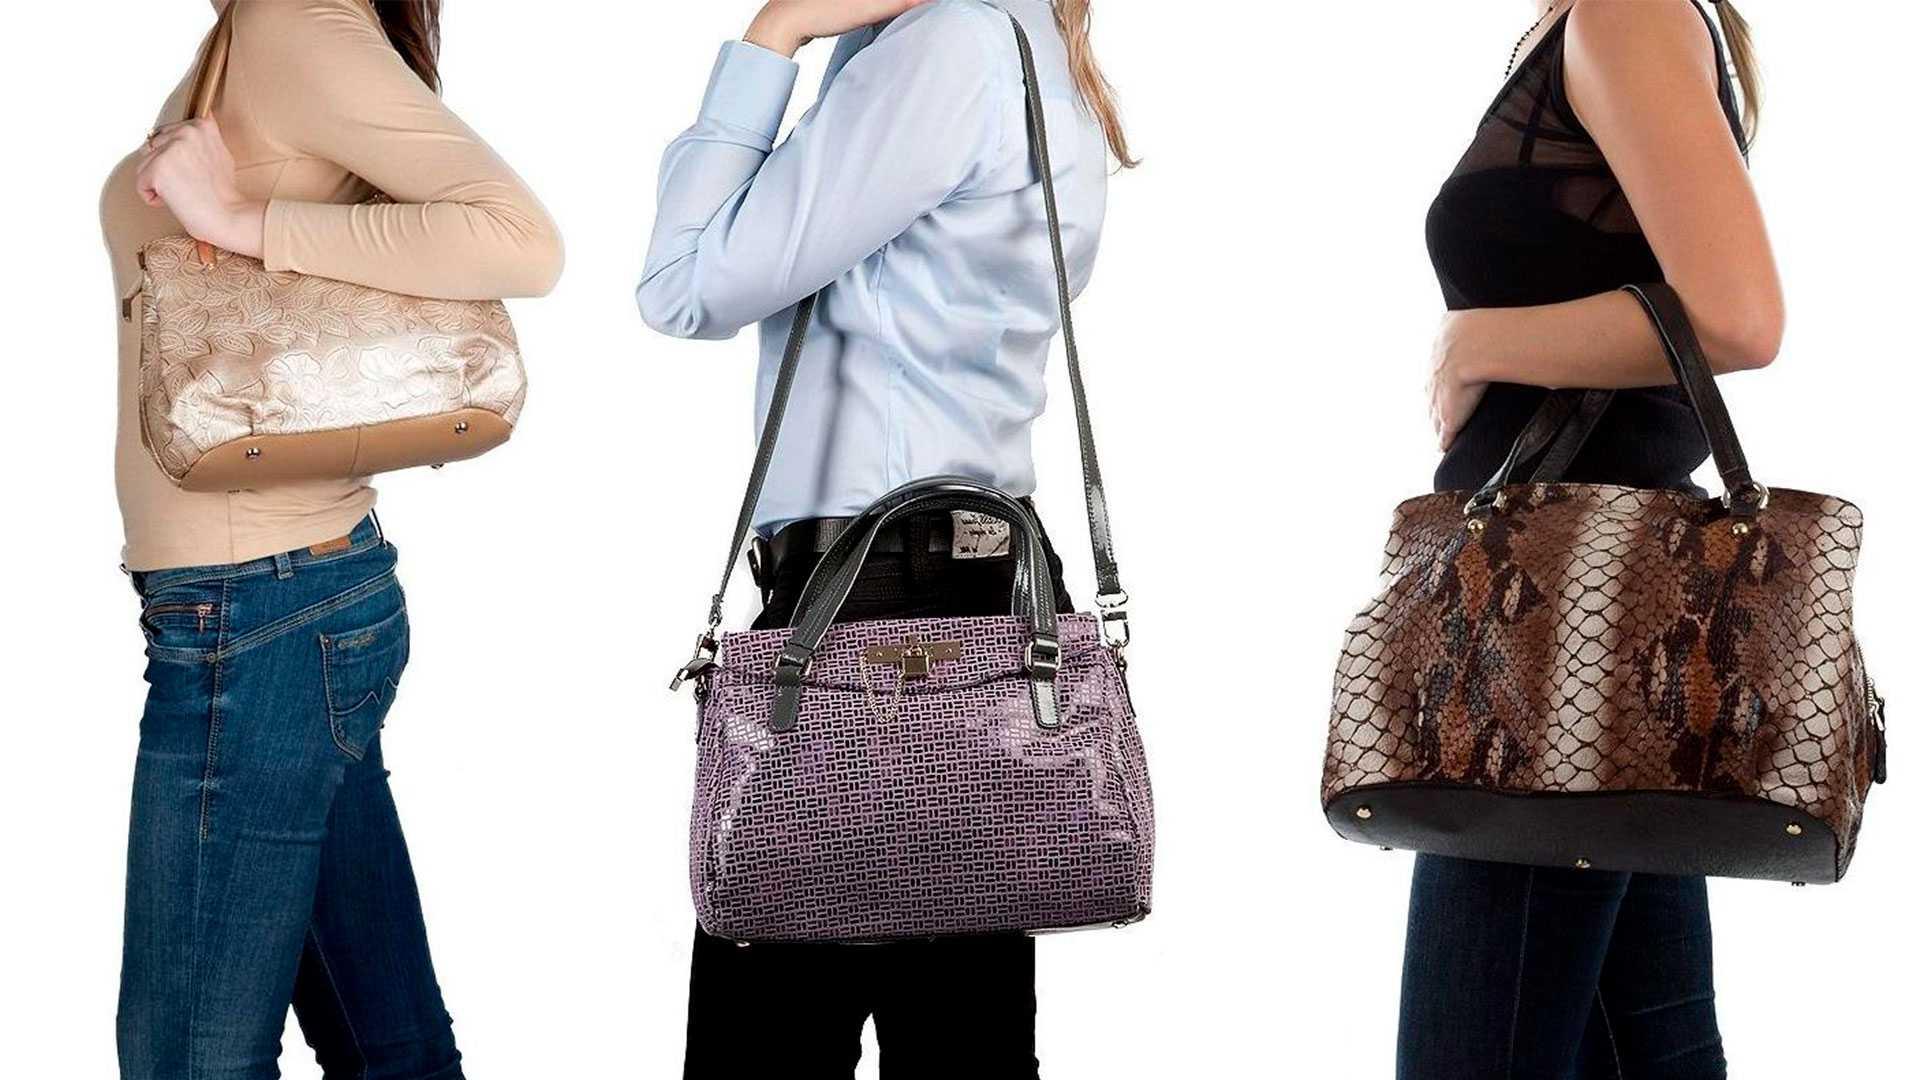 Как правильно носить сумку, чтобы не навредить здоровью